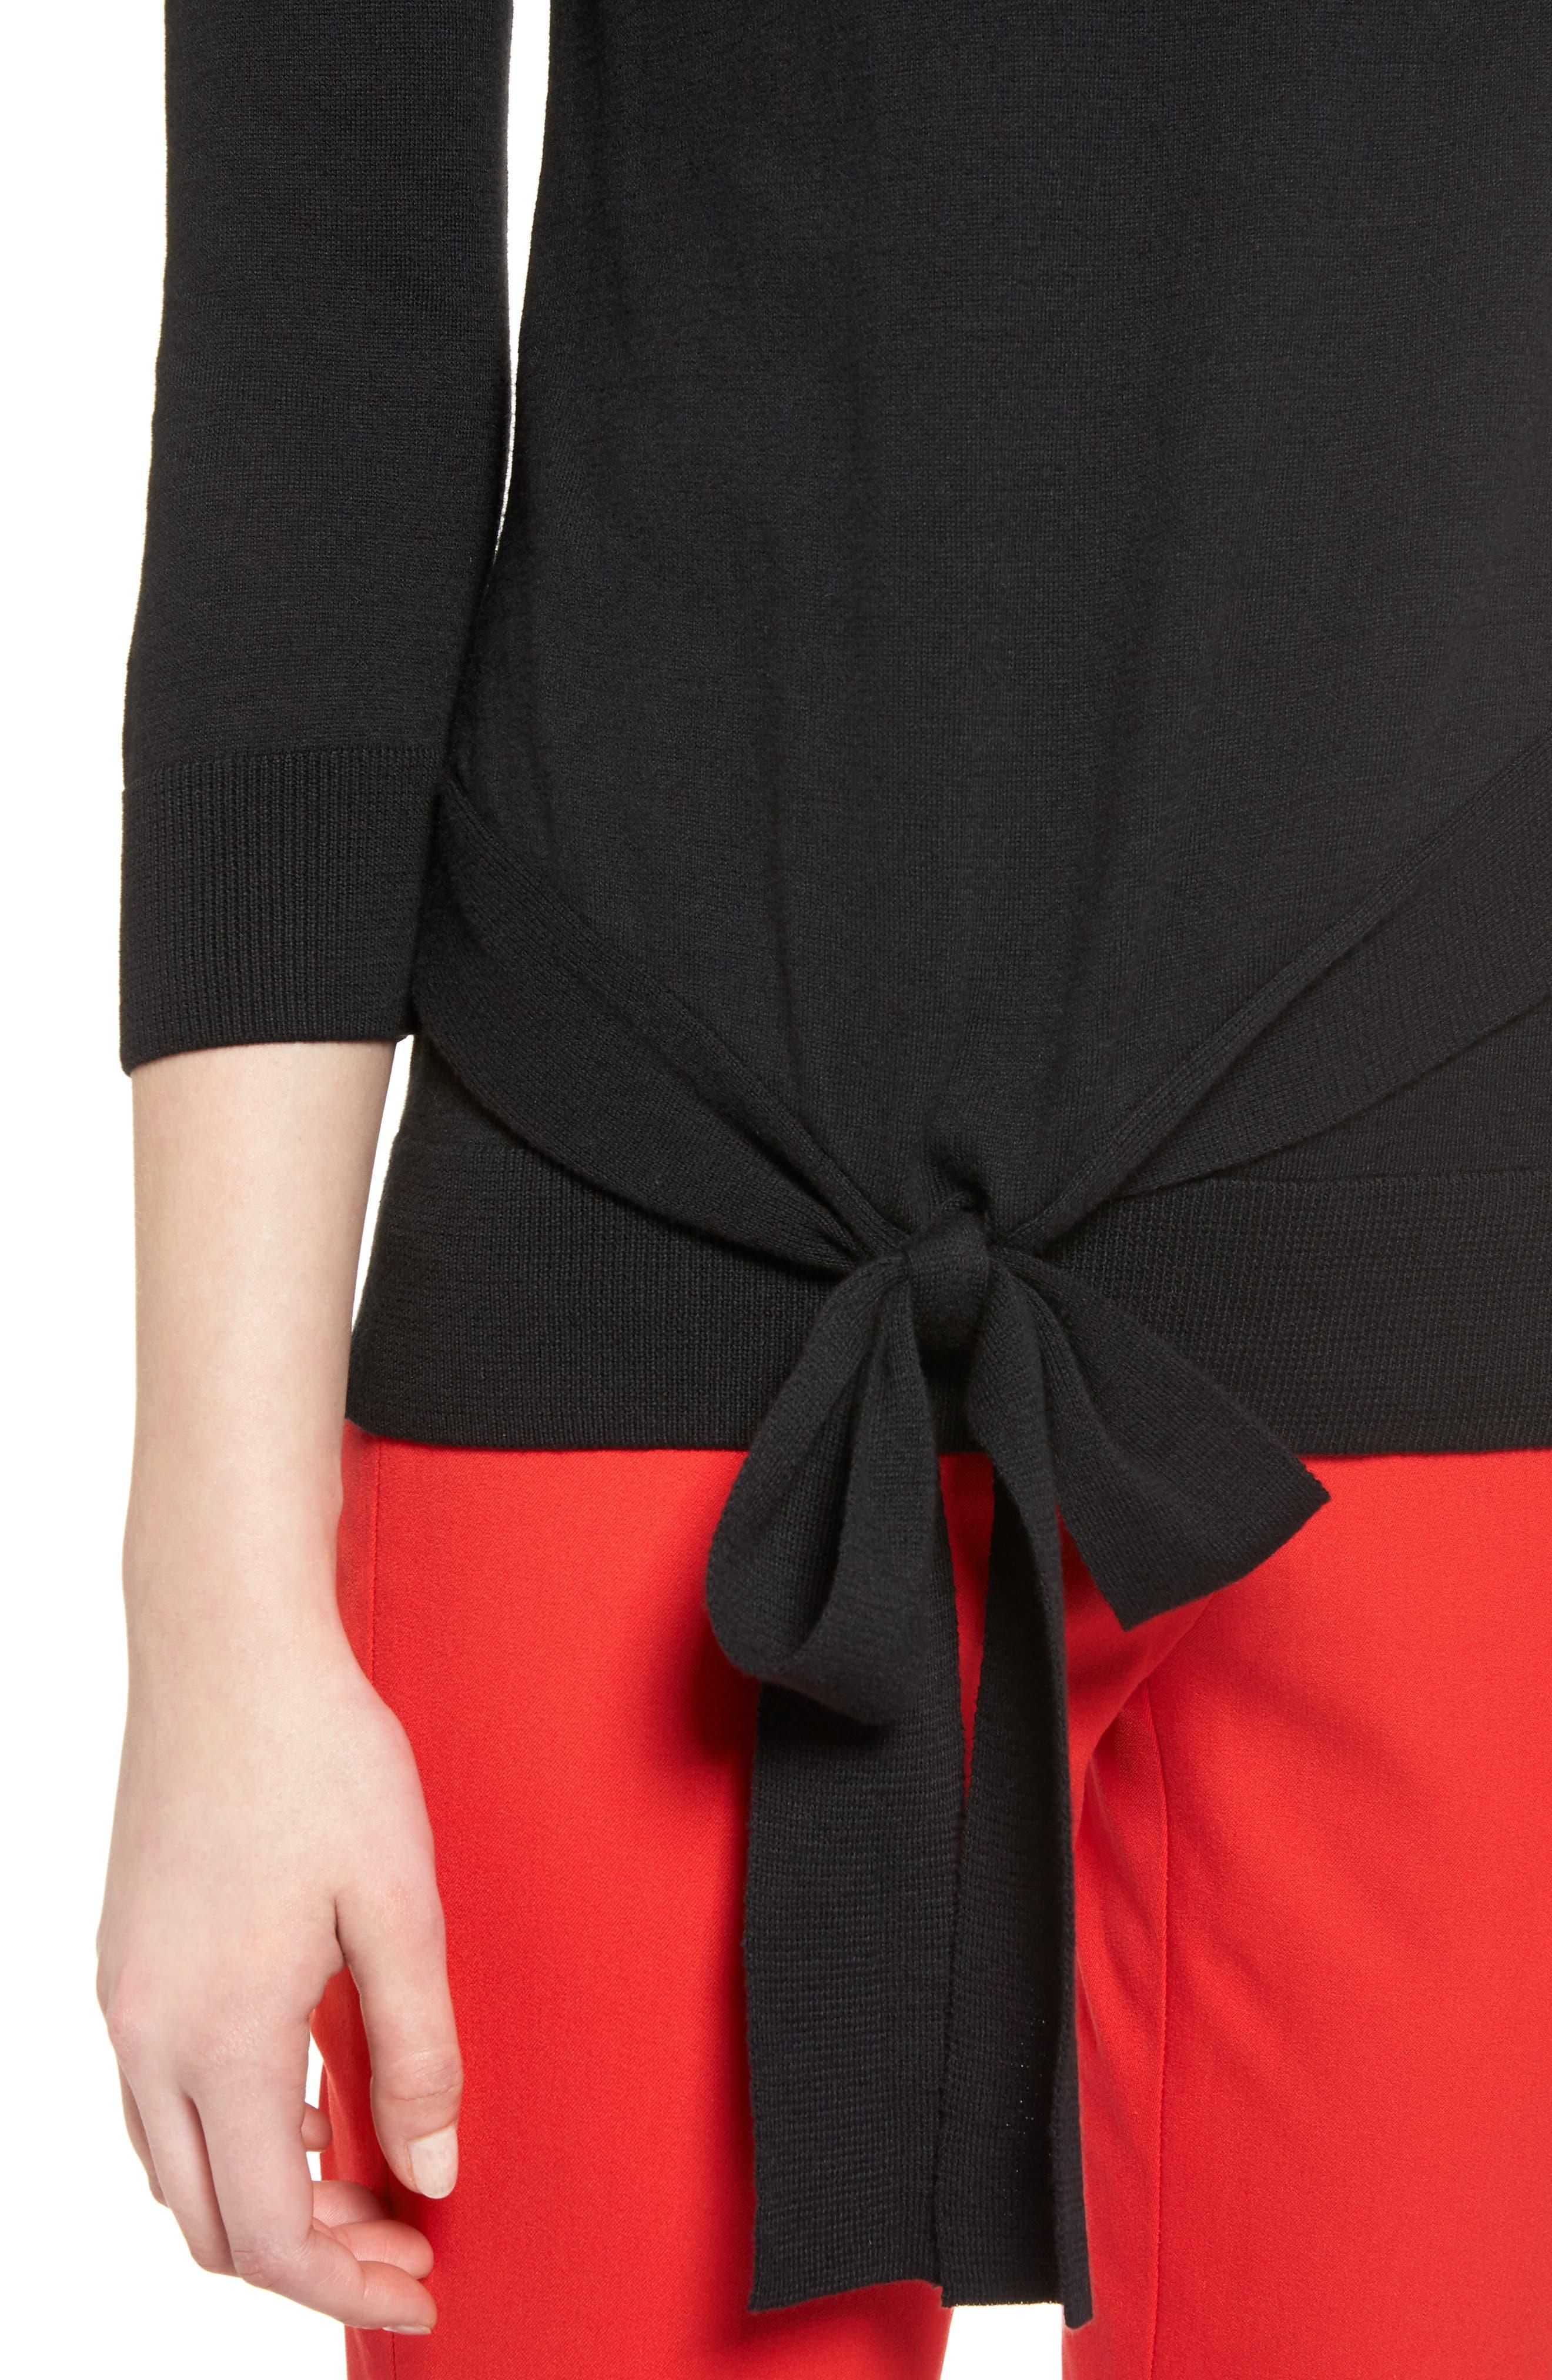 Pima Cotton Blend Tie Sweater,                             Alternate thumbnail 4, color,                             001